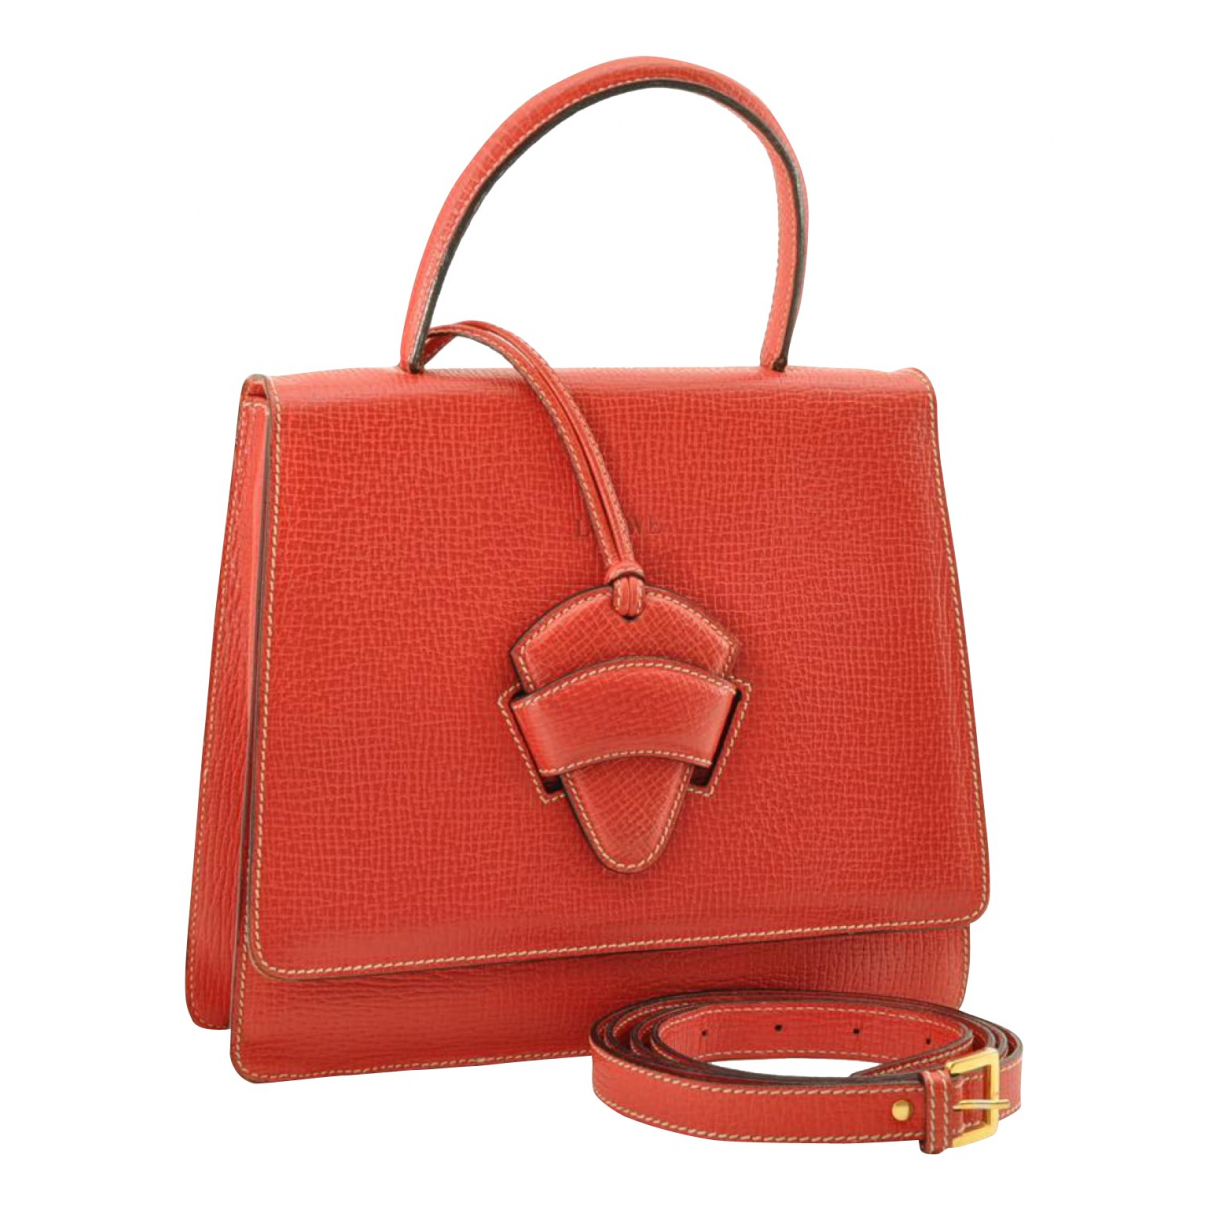 Loewe - Sac a main   pour femme en cuir - rouge